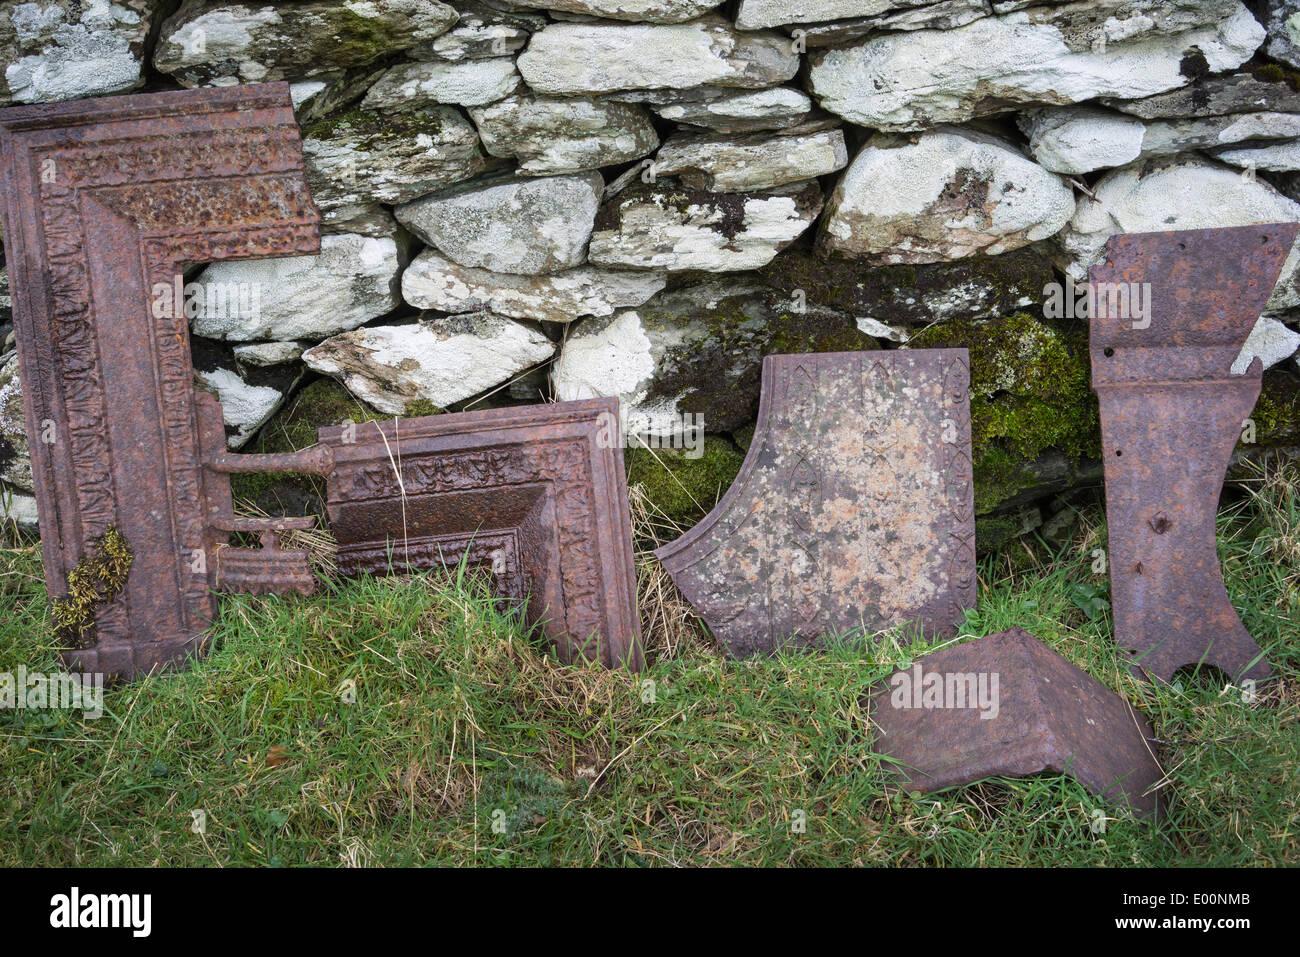 Fireplace Surround Stockfotos & Fireplace Surround Bilder - Alamy